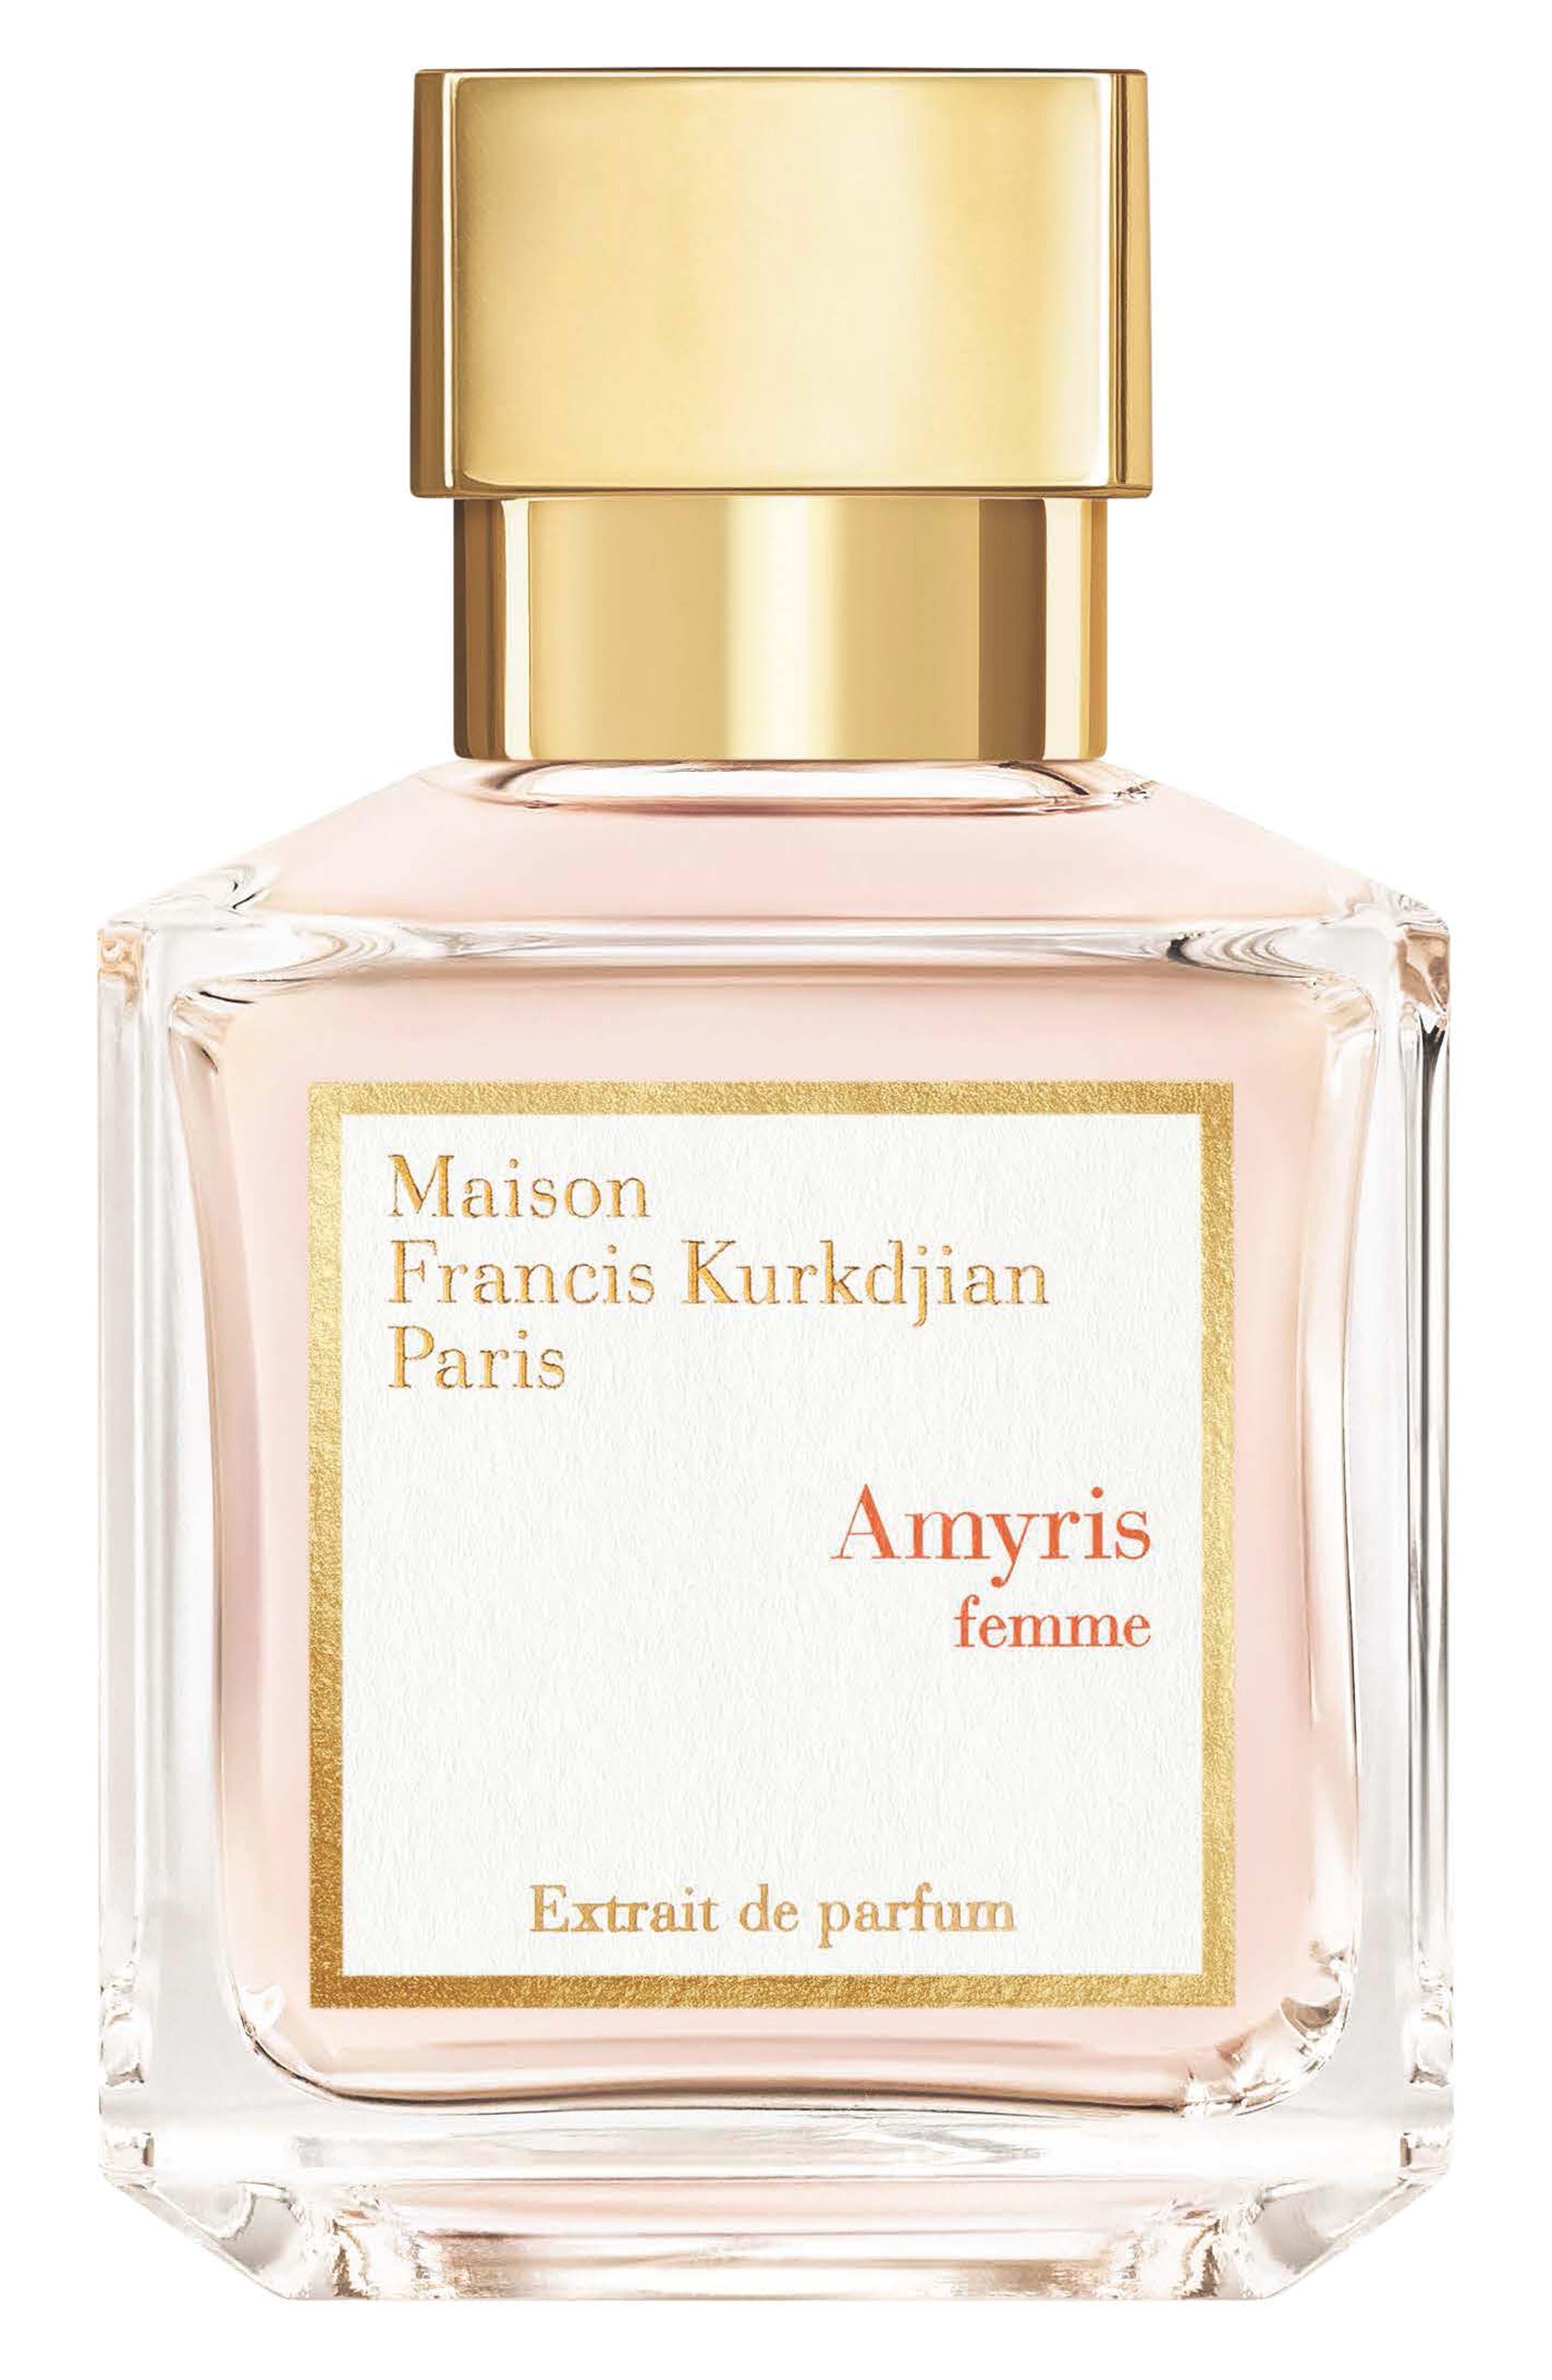 Paris Amyris Femme Extrait De Parfum